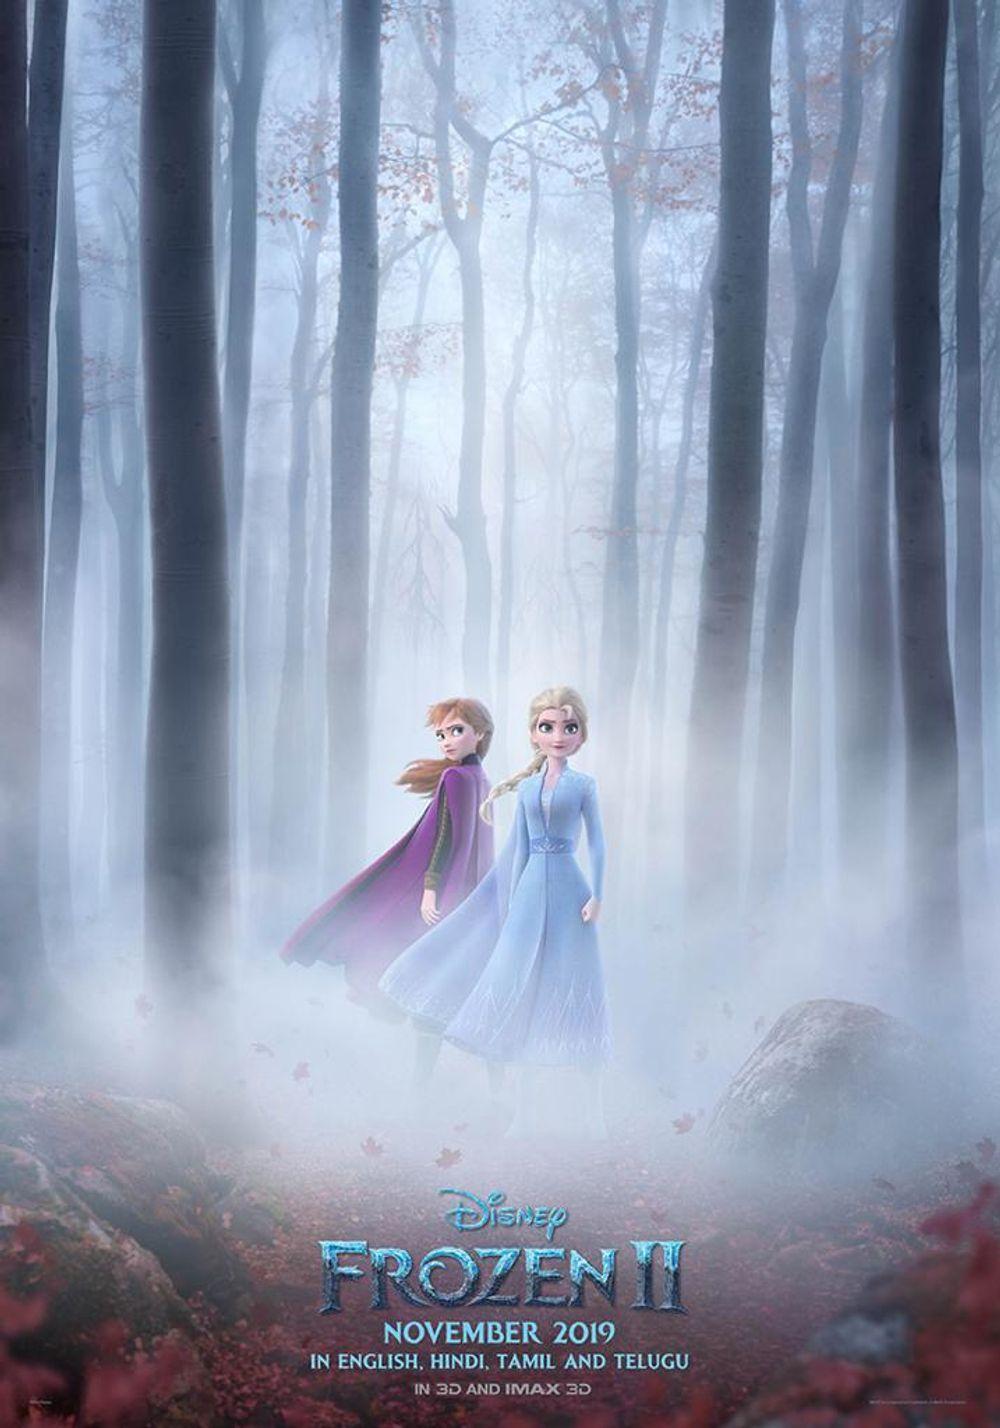 2-Frozen 2